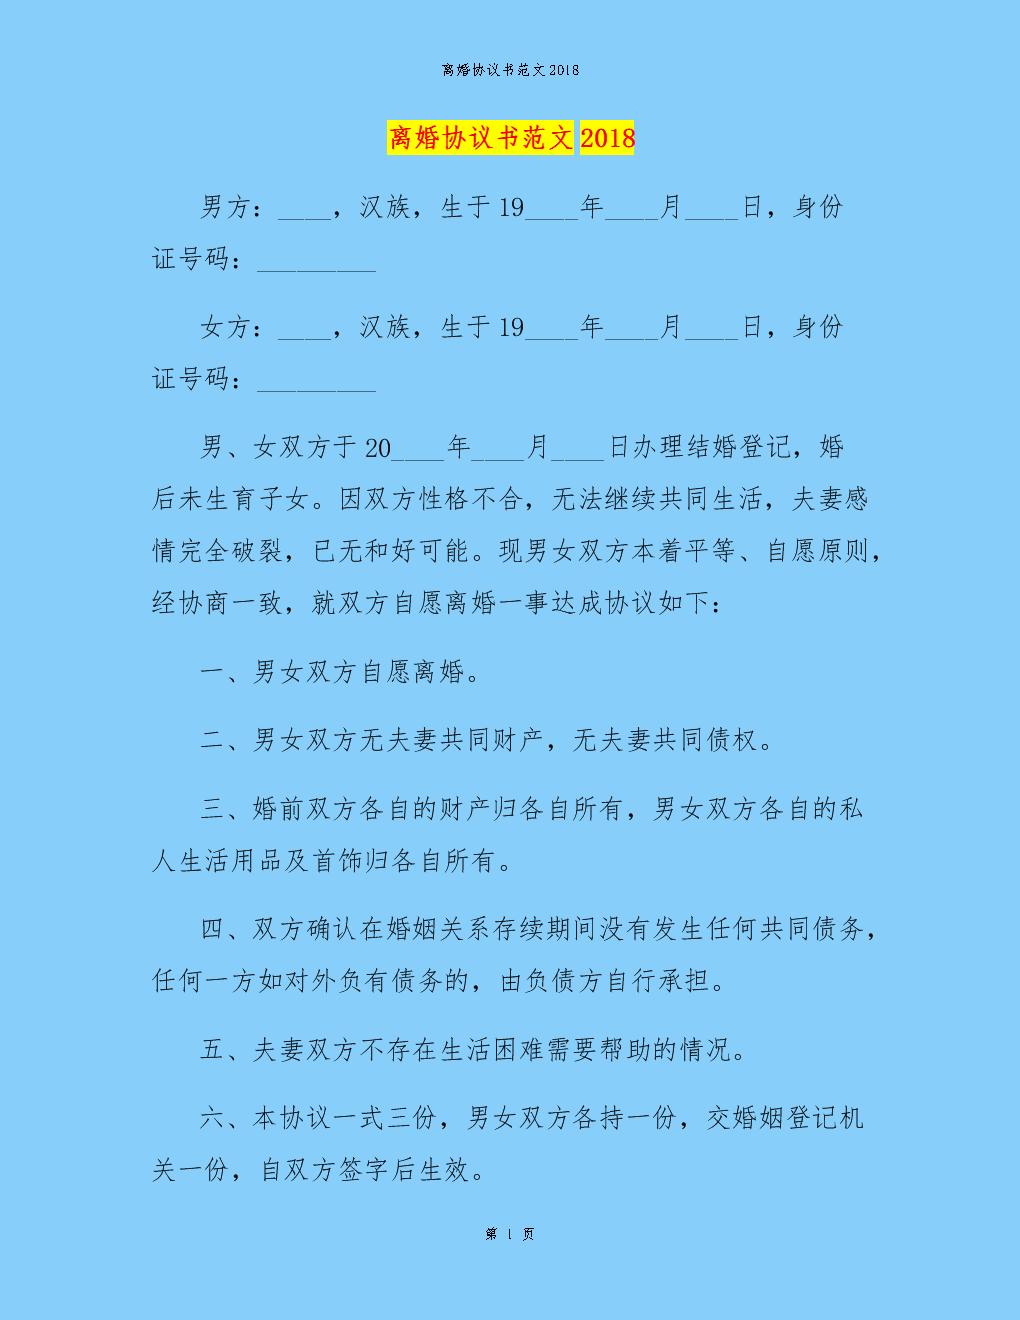 离婚协议书范文2018.docx图片